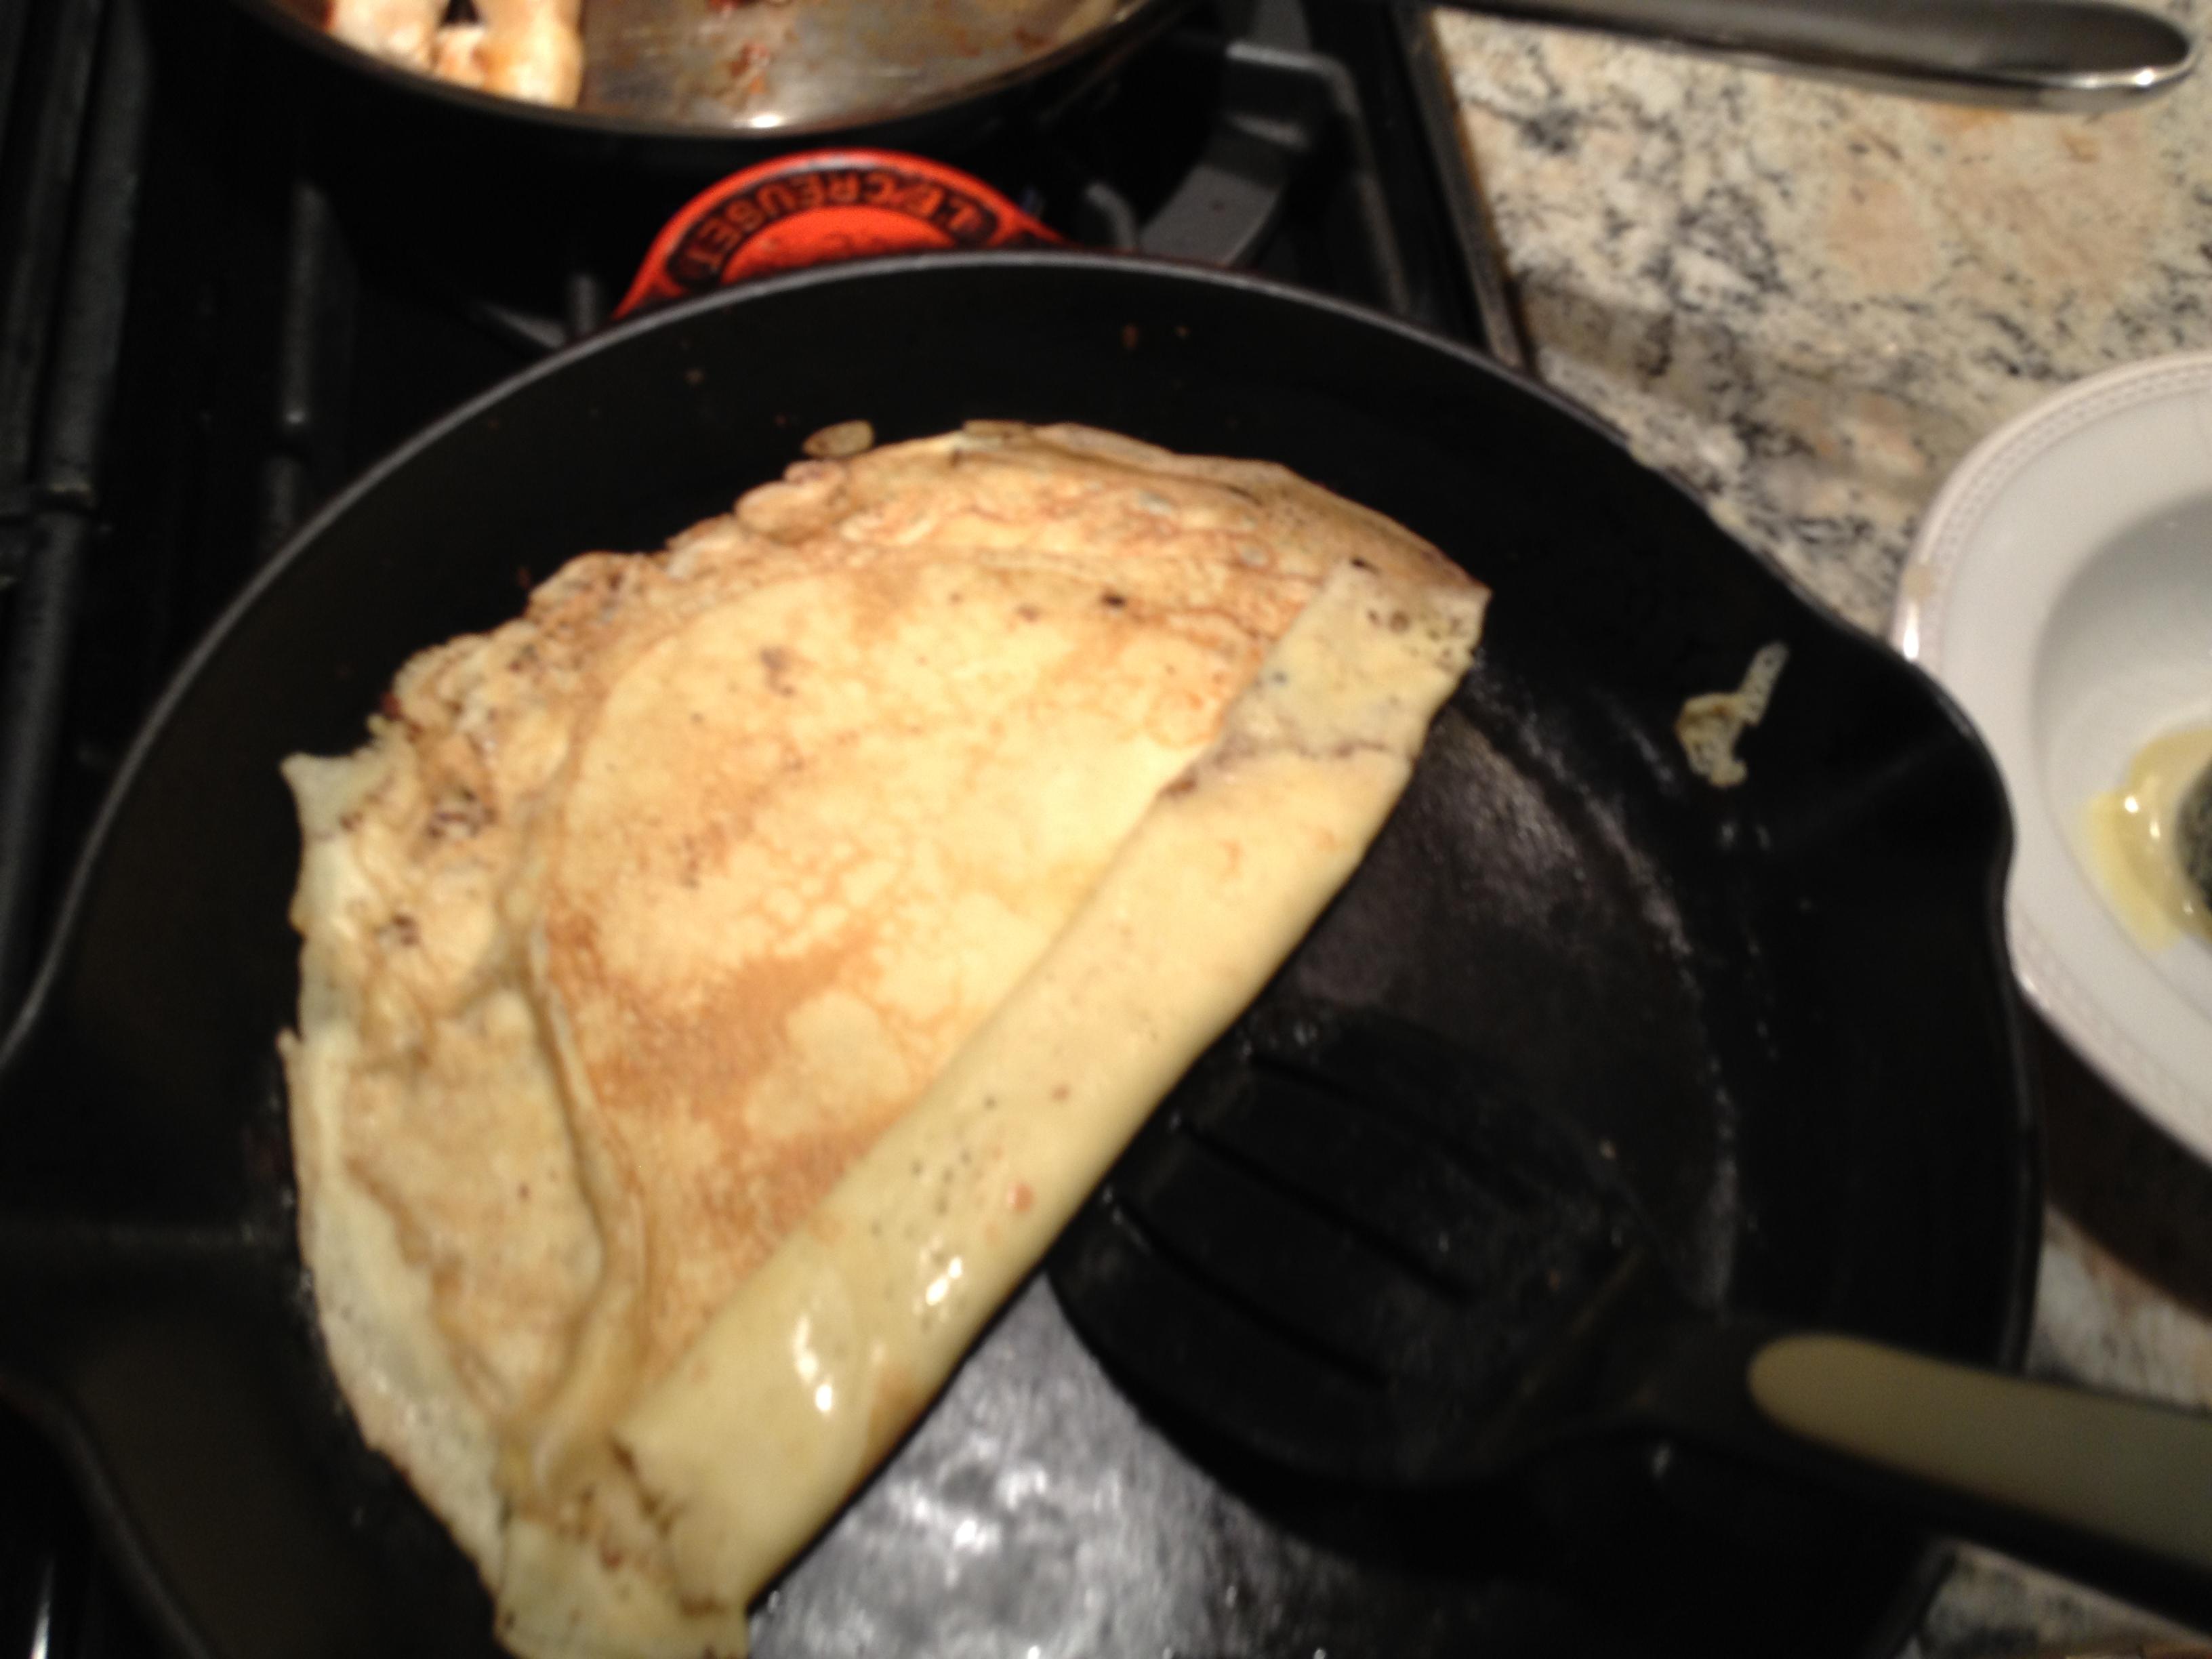 Swedish pancakes rolling in pan